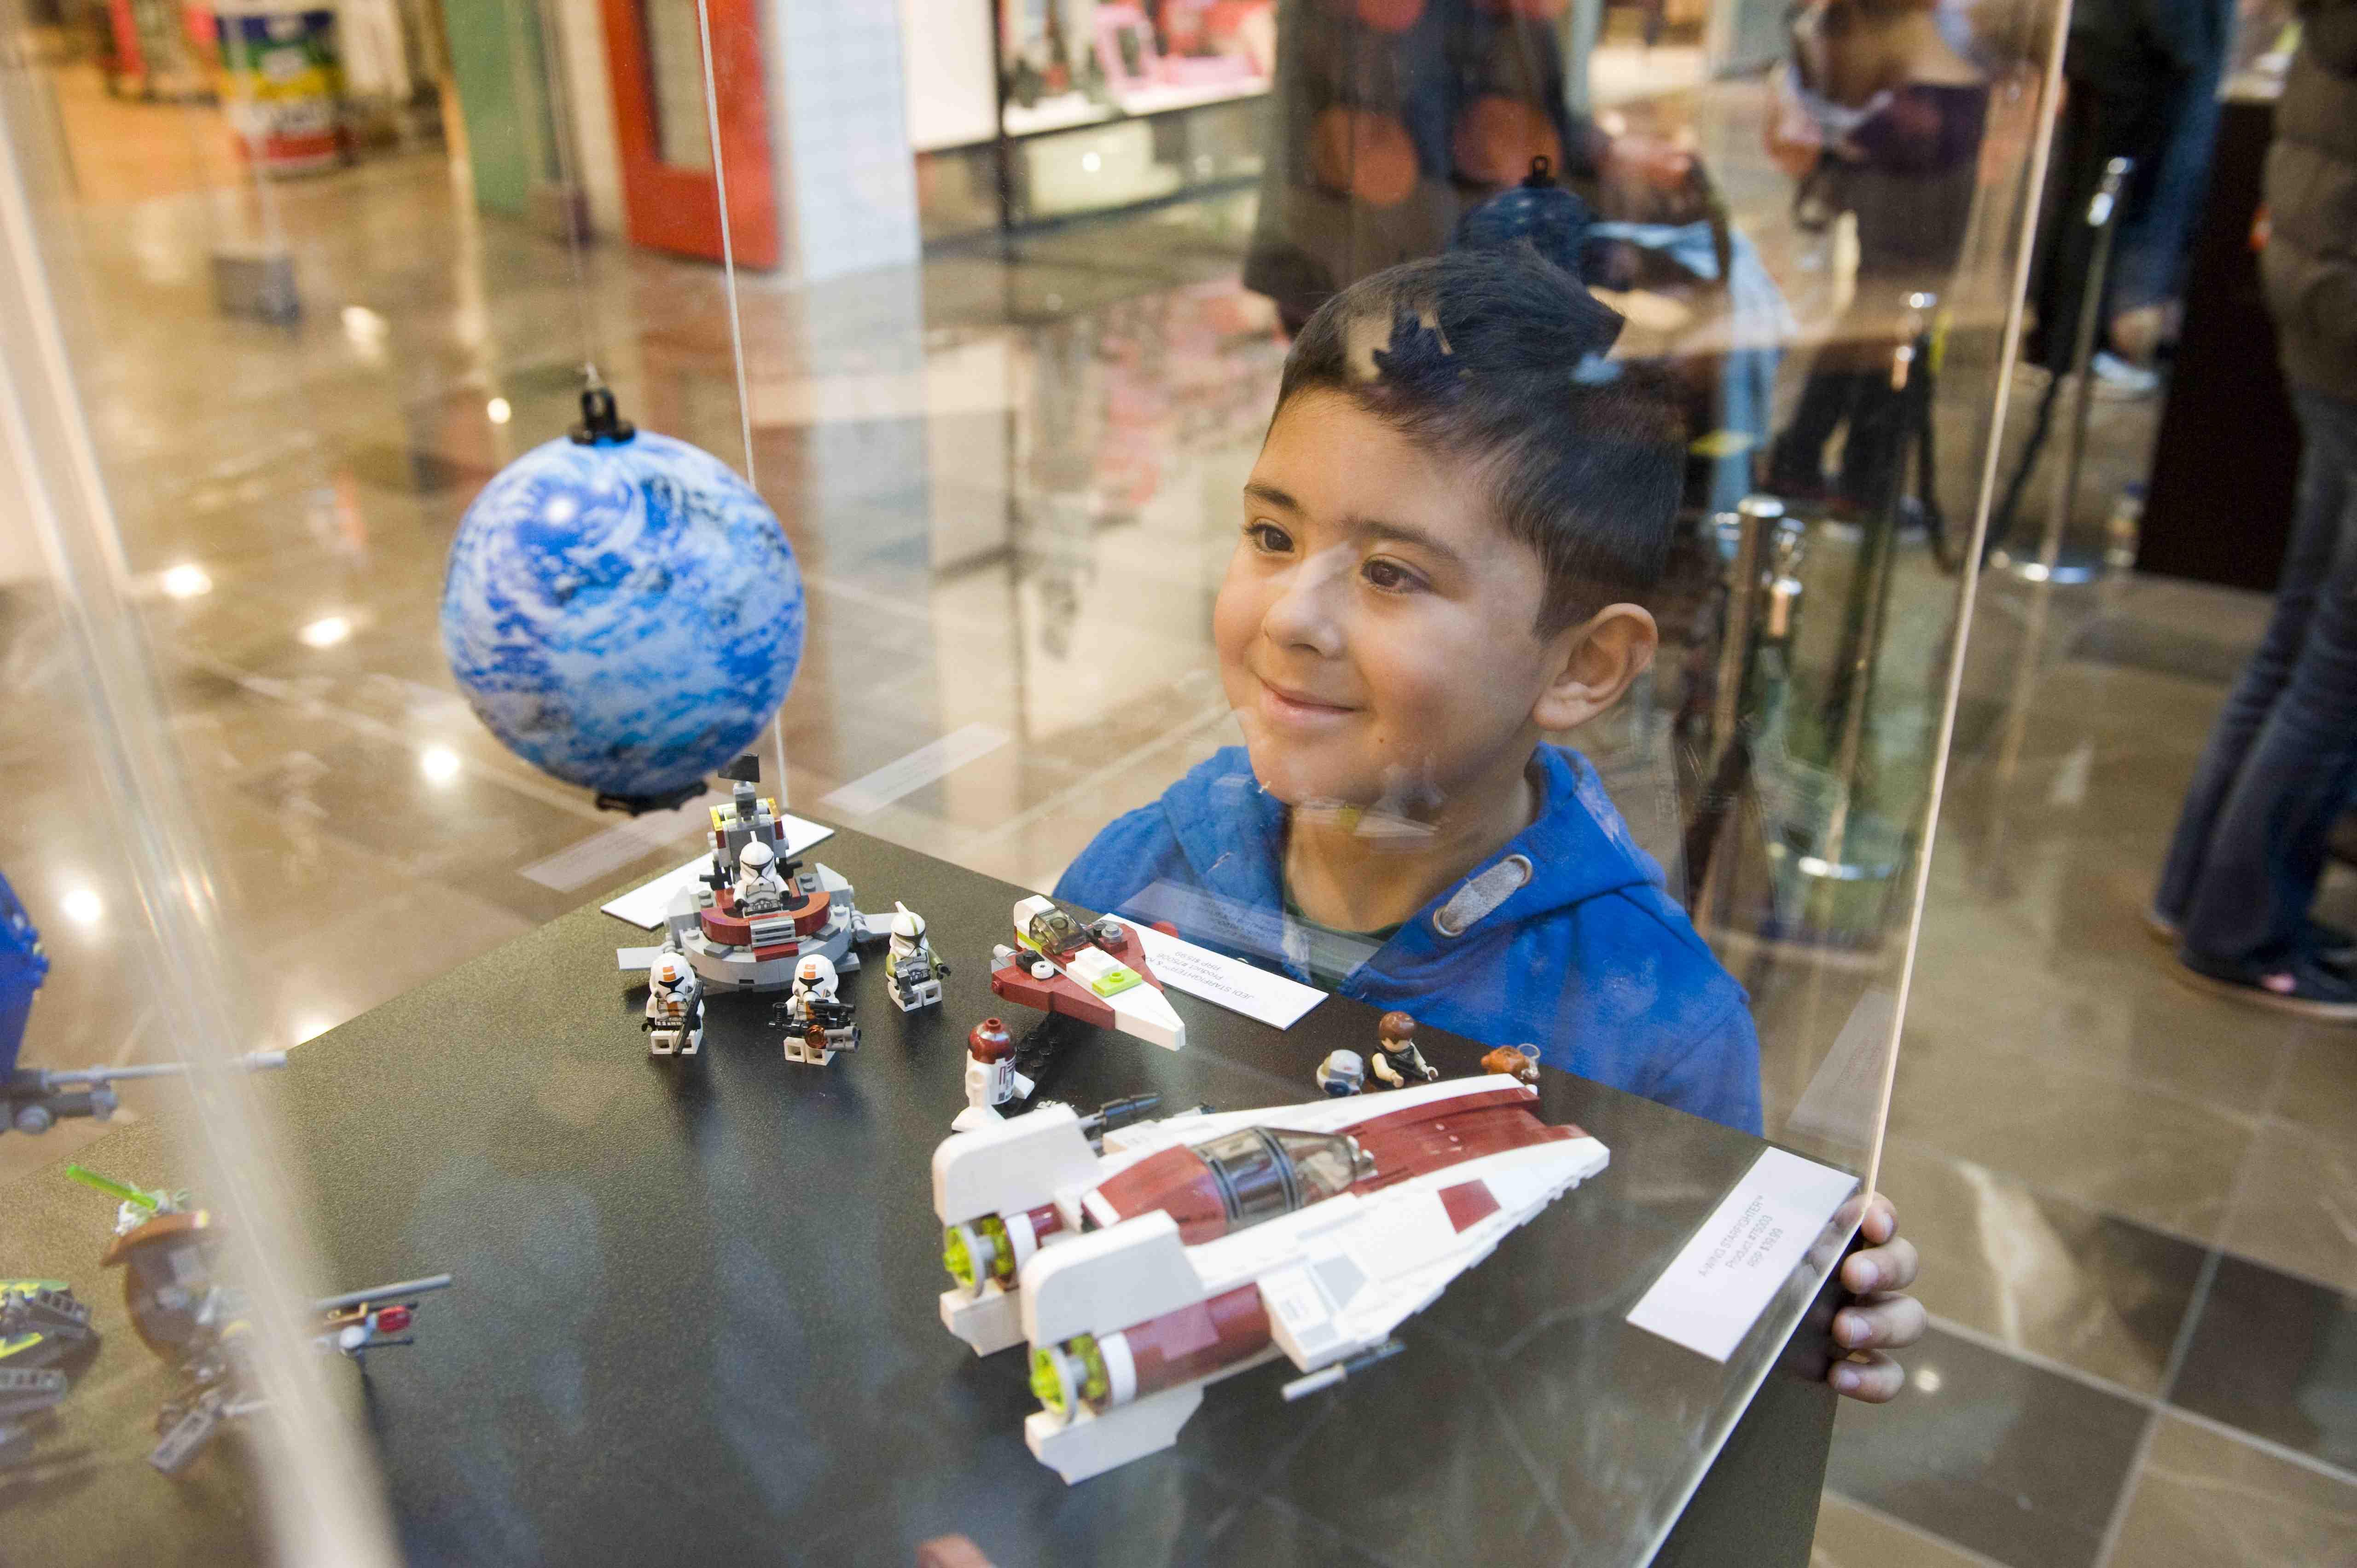 Lego Star Wars Yoda Event_enchanted fan